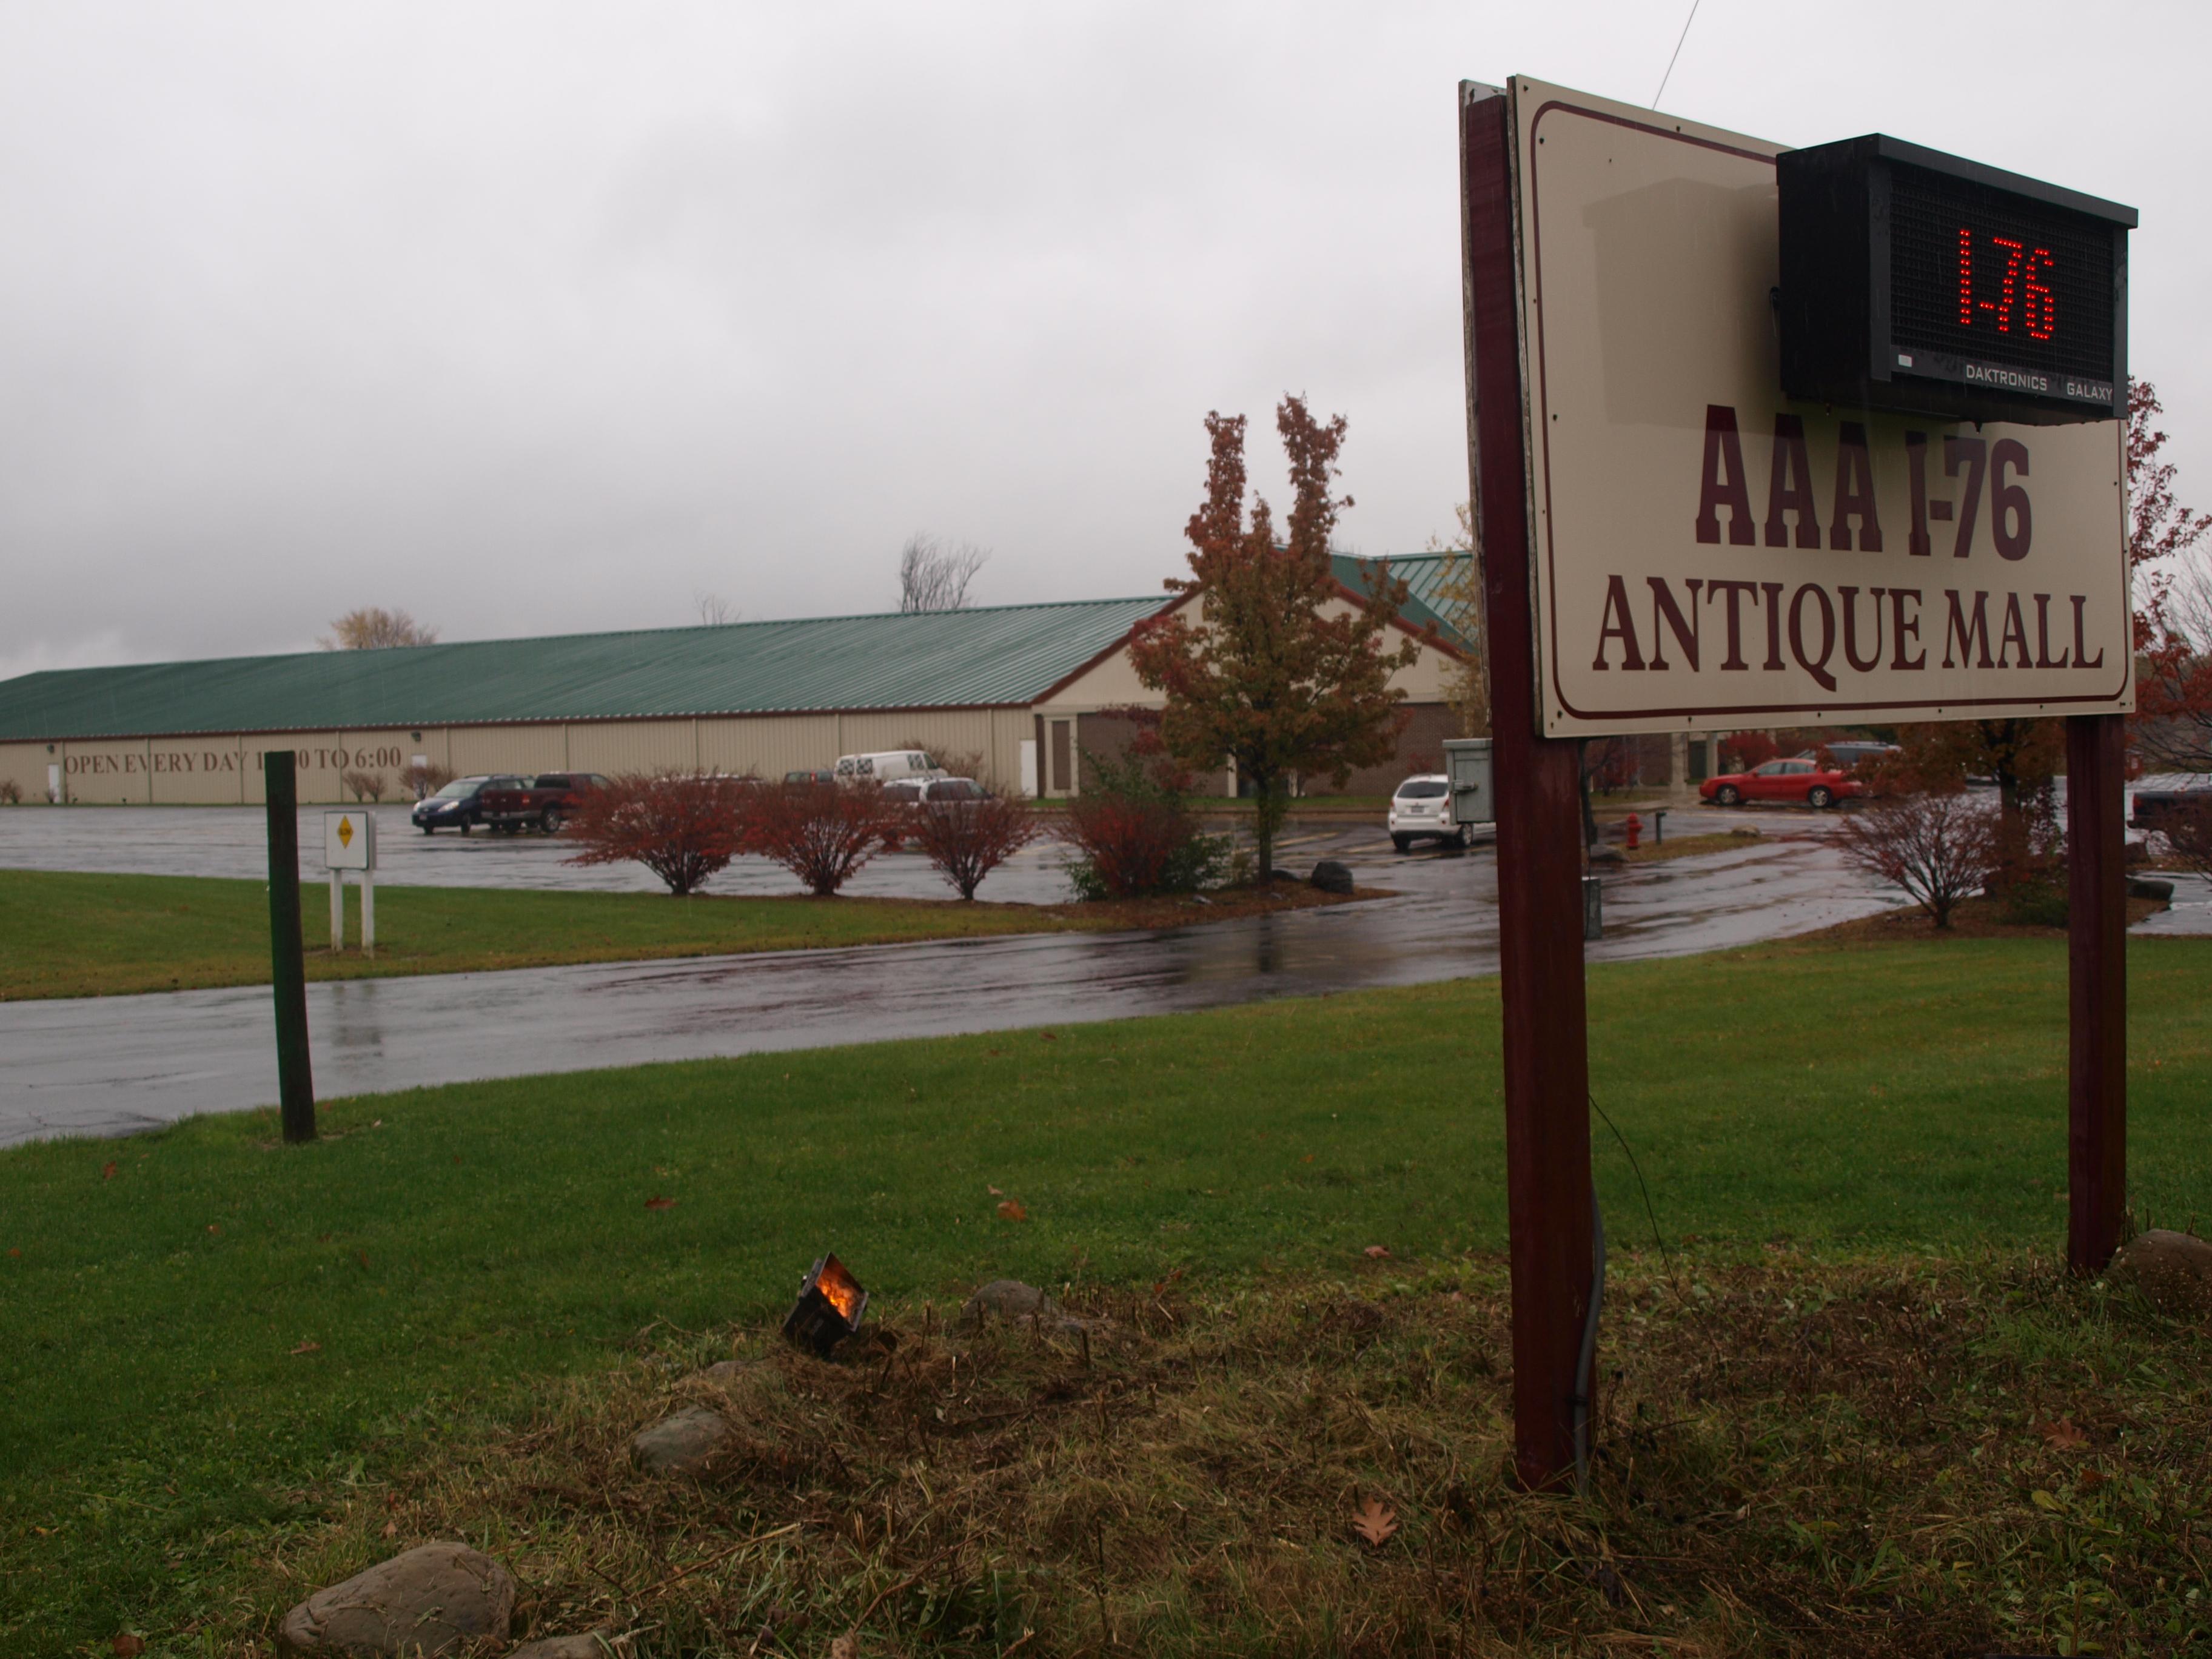 i 76 antique mall AAA I 76 Antique Mall   Ravenna, Ohio Image i 76 antique mall